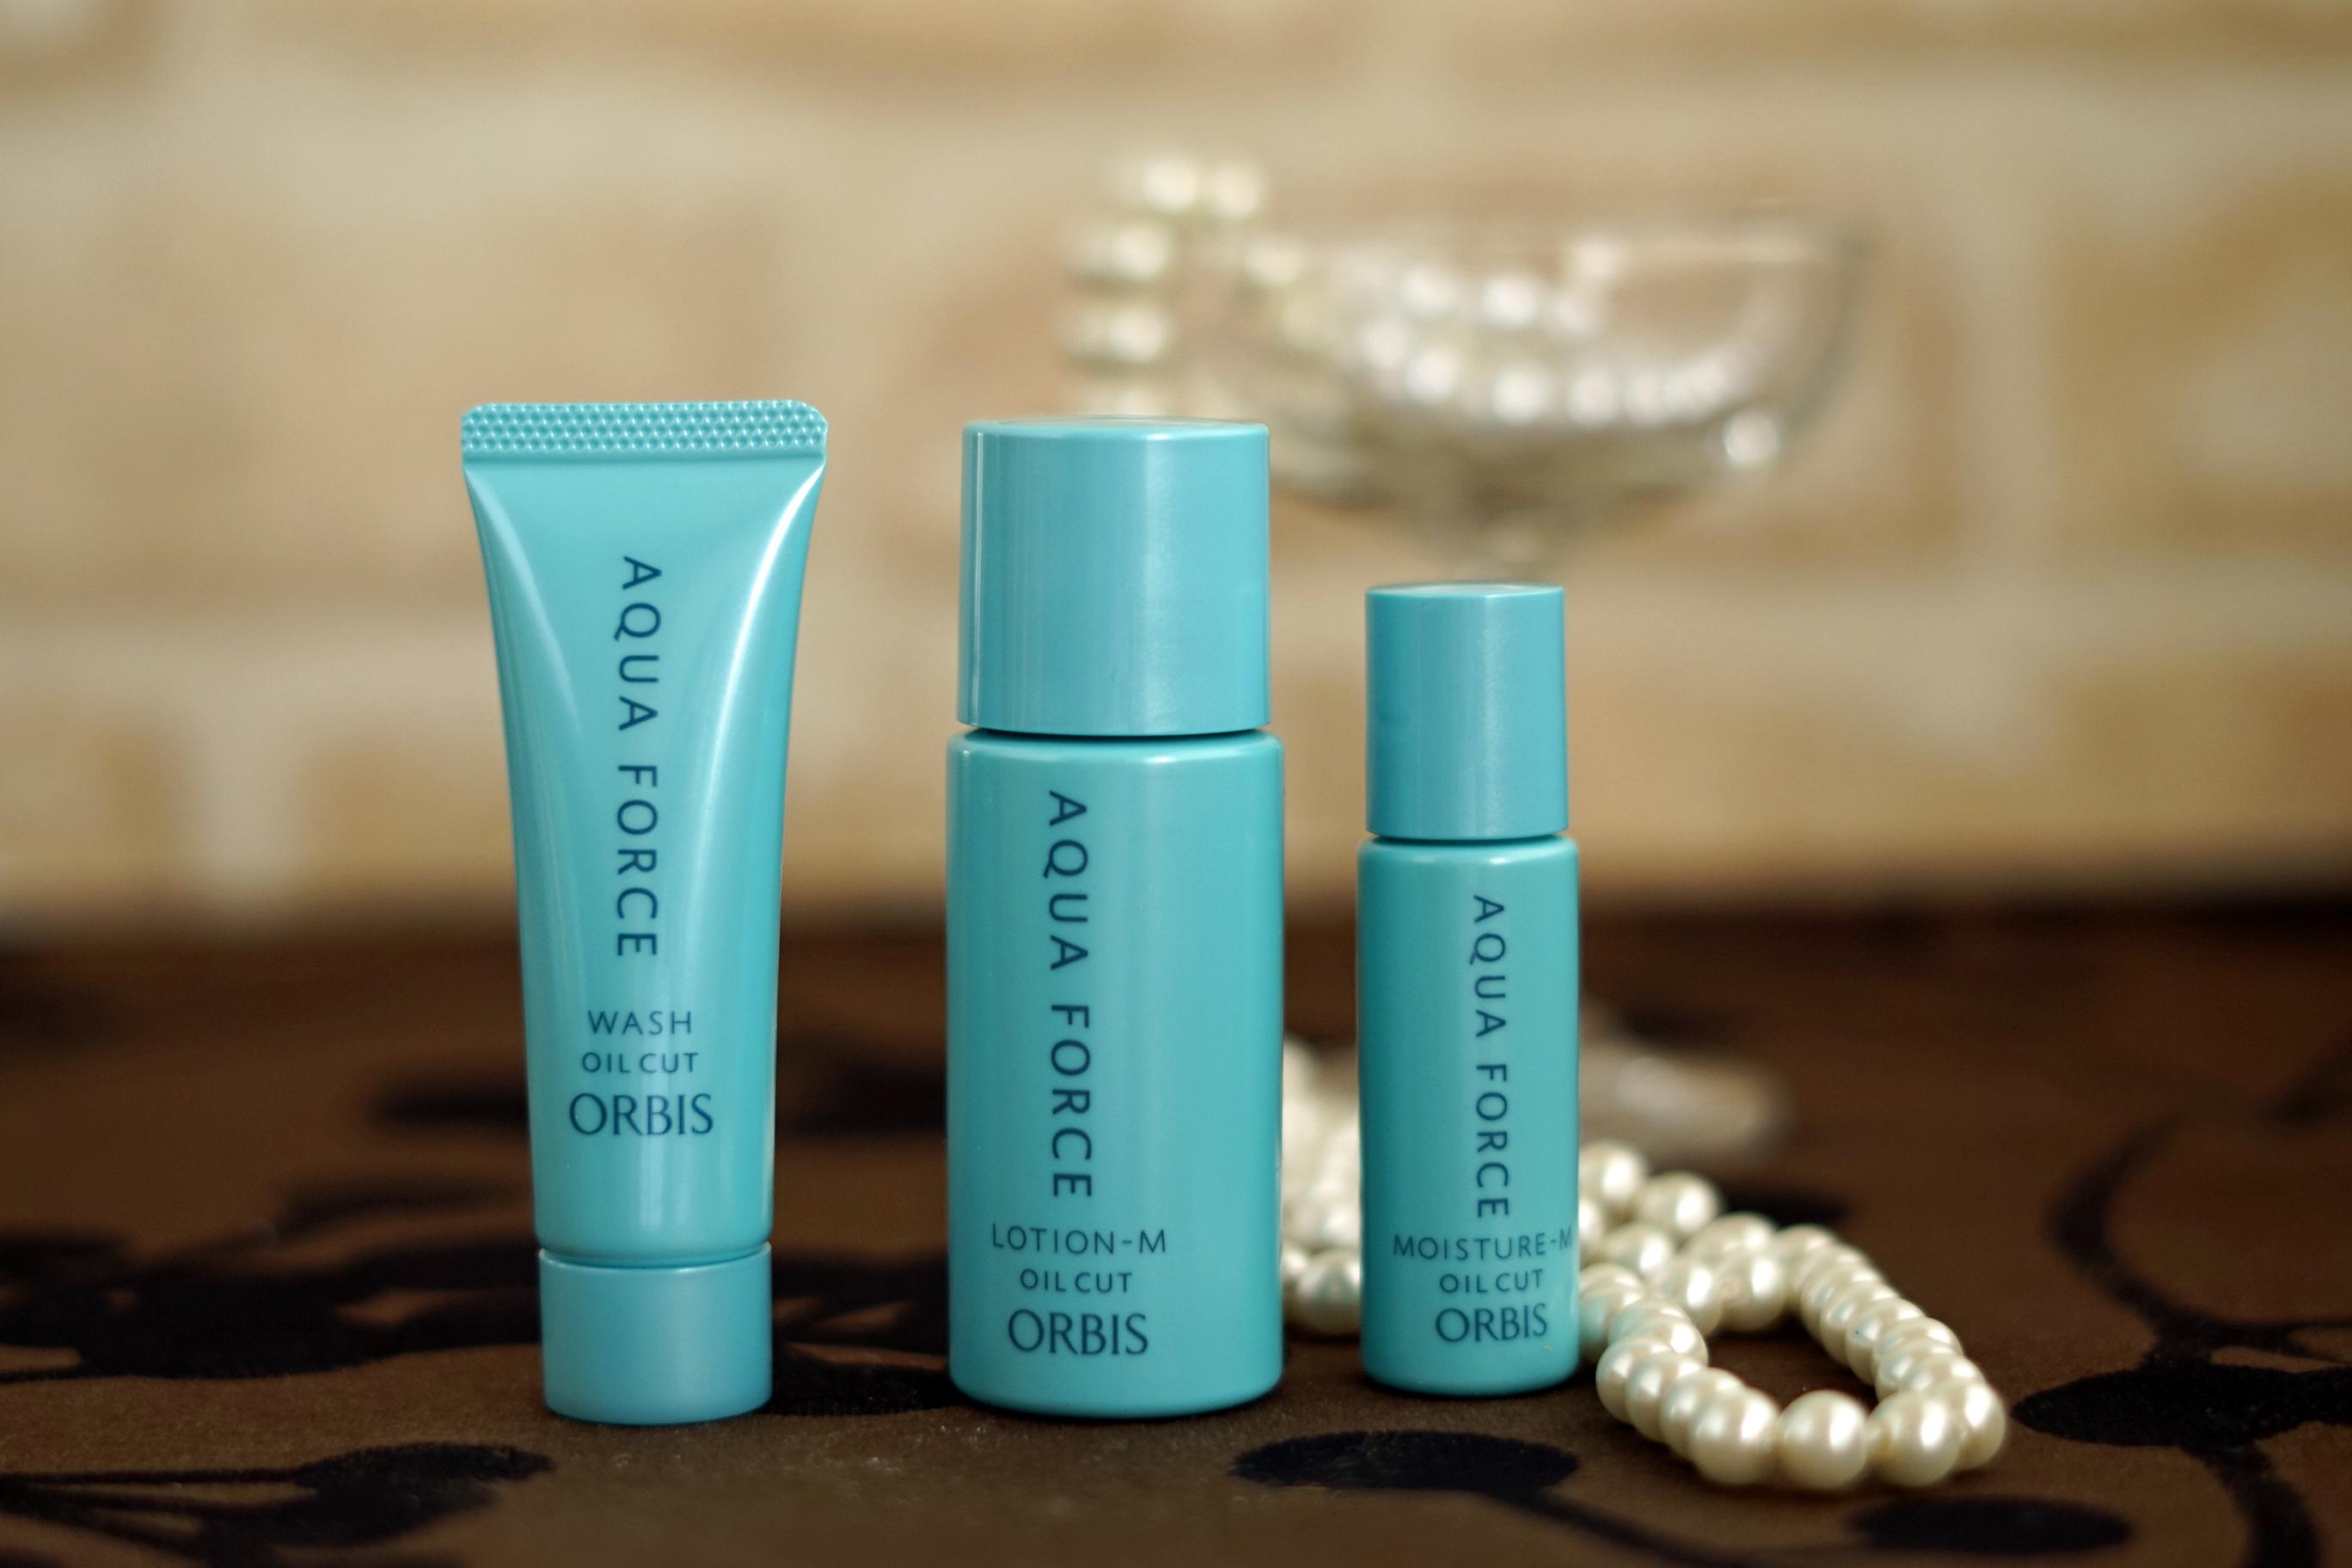 乾燥くすみのごわごわ肌もびっくり、乾燥肌に人気のアクアフォース